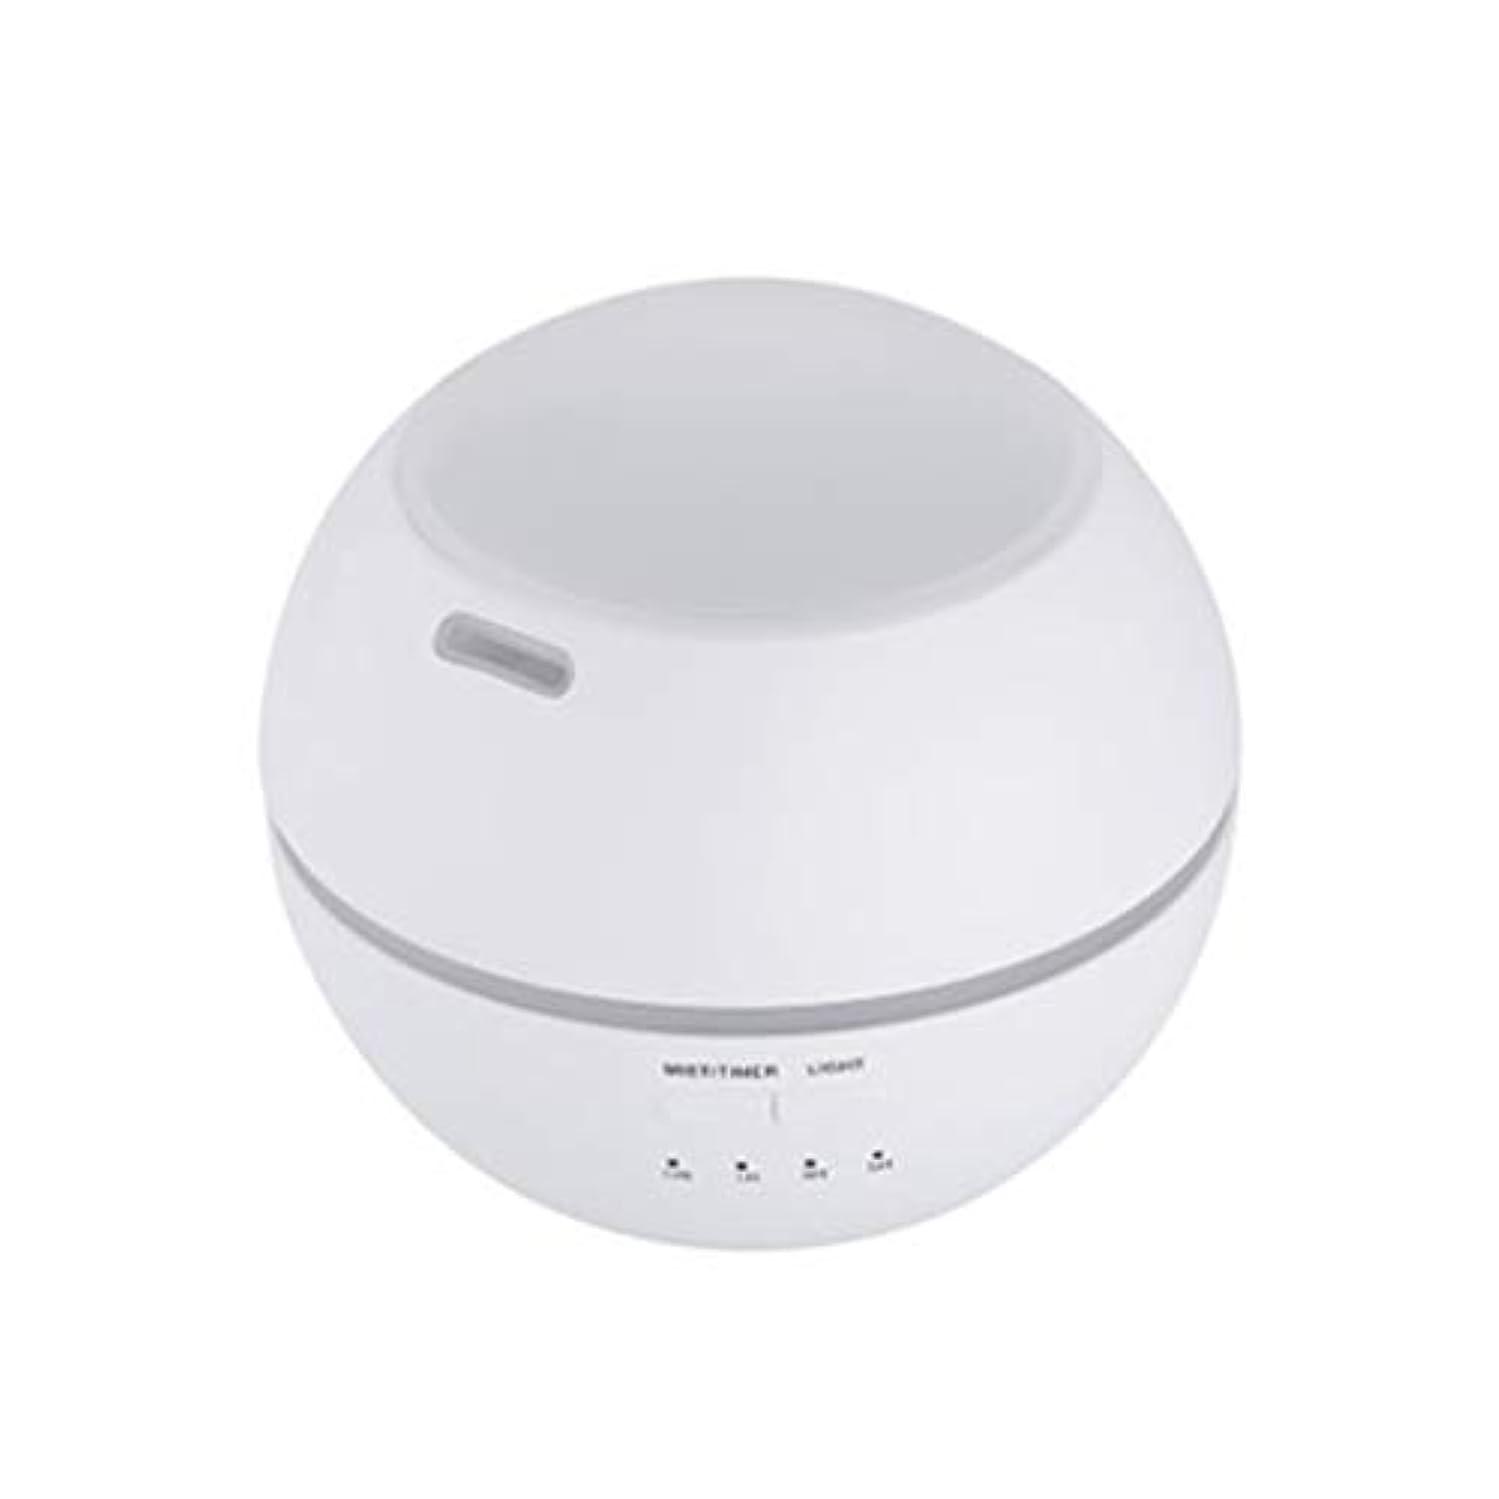 コーラスコウモリ与えるマルチライトマシンクリエイティブ超音波加湿器ランプ家庭用必須ディフューザーギフト (Color : White)